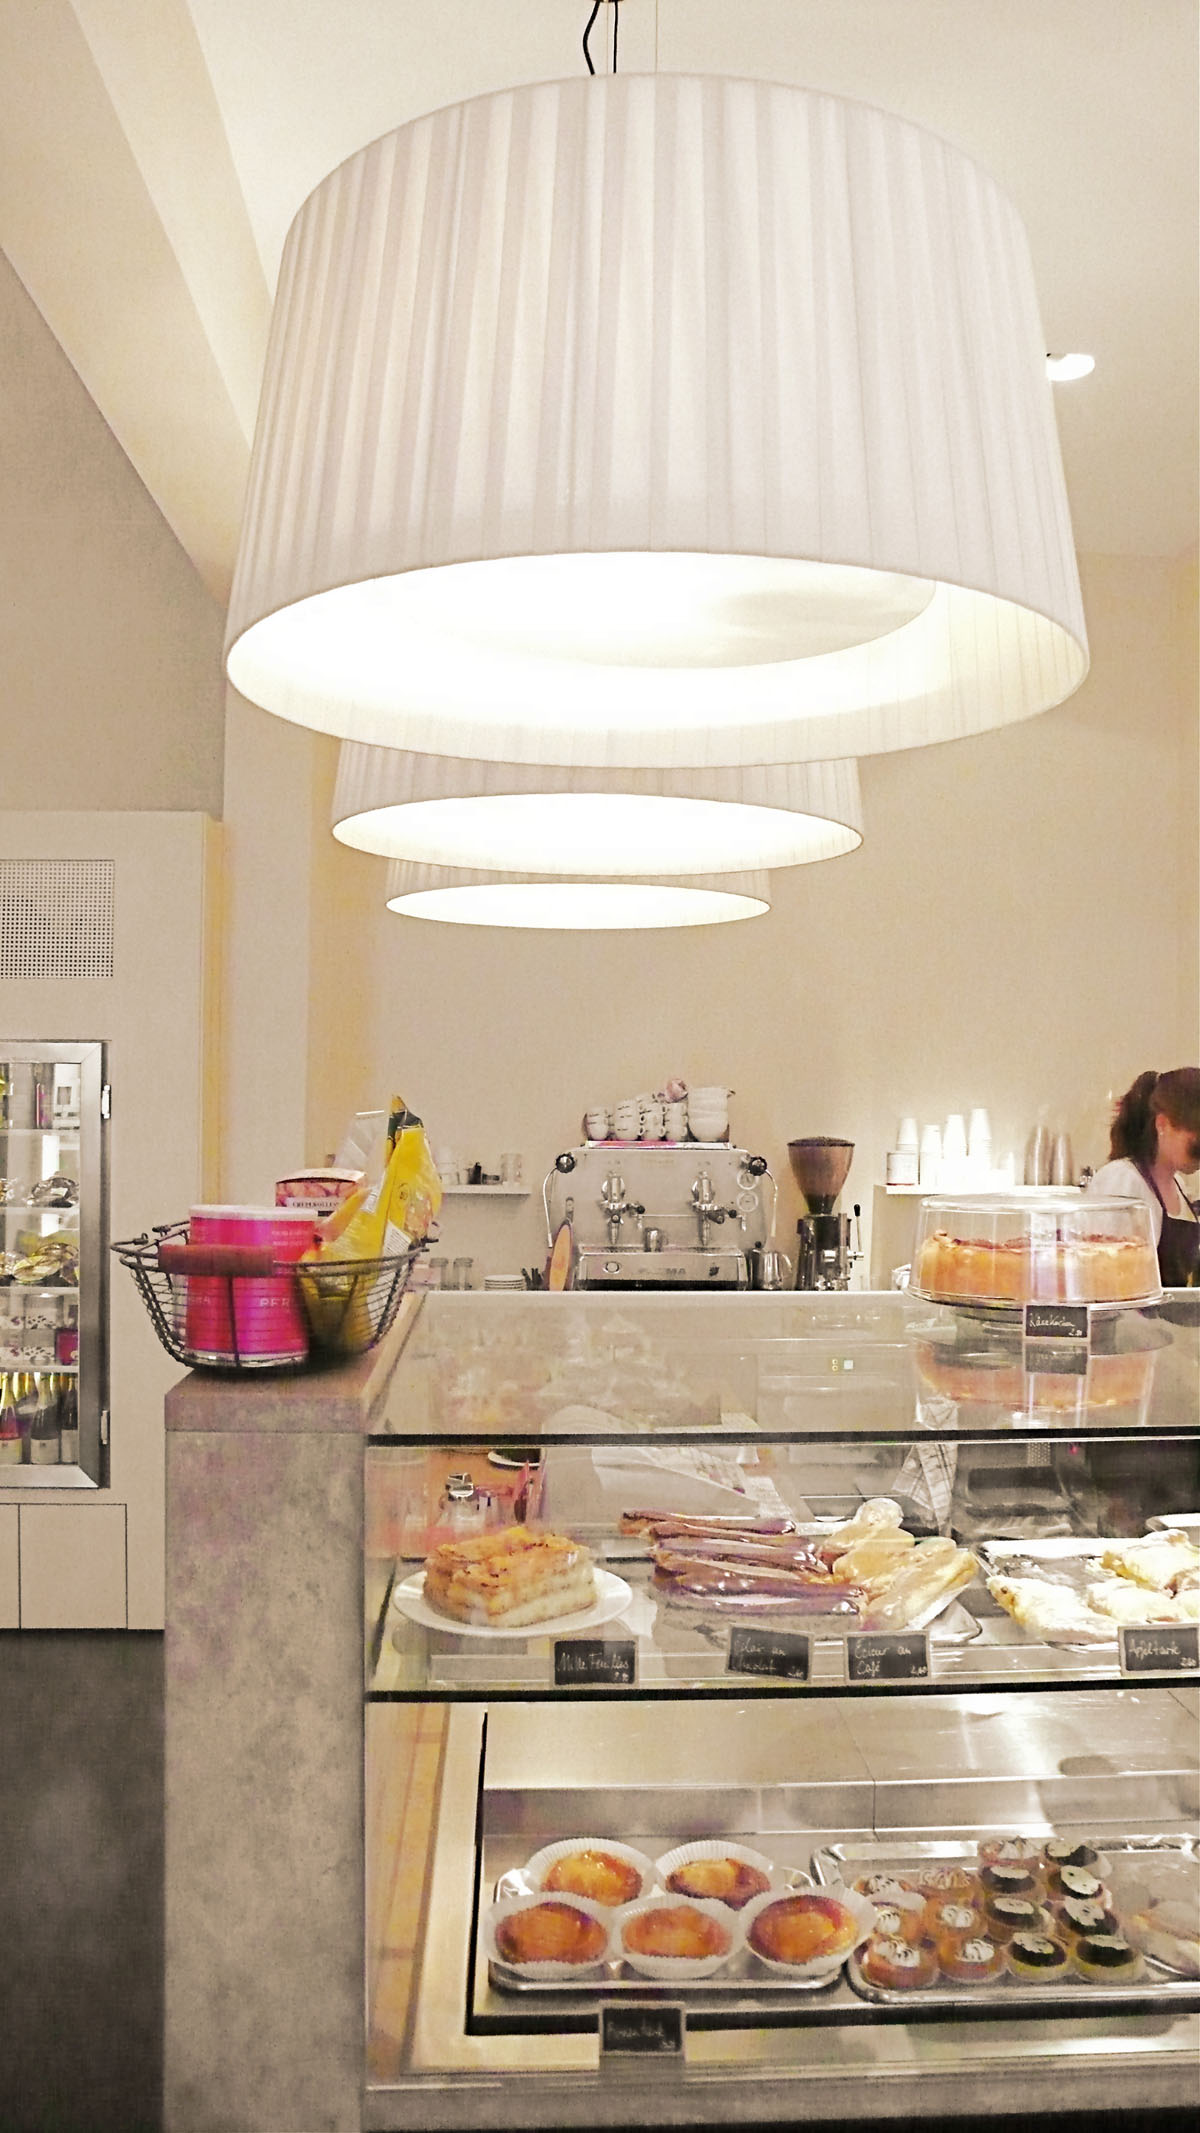 Cafe Dukatz München Theke mit weißen Bombillas Pendelleuchen